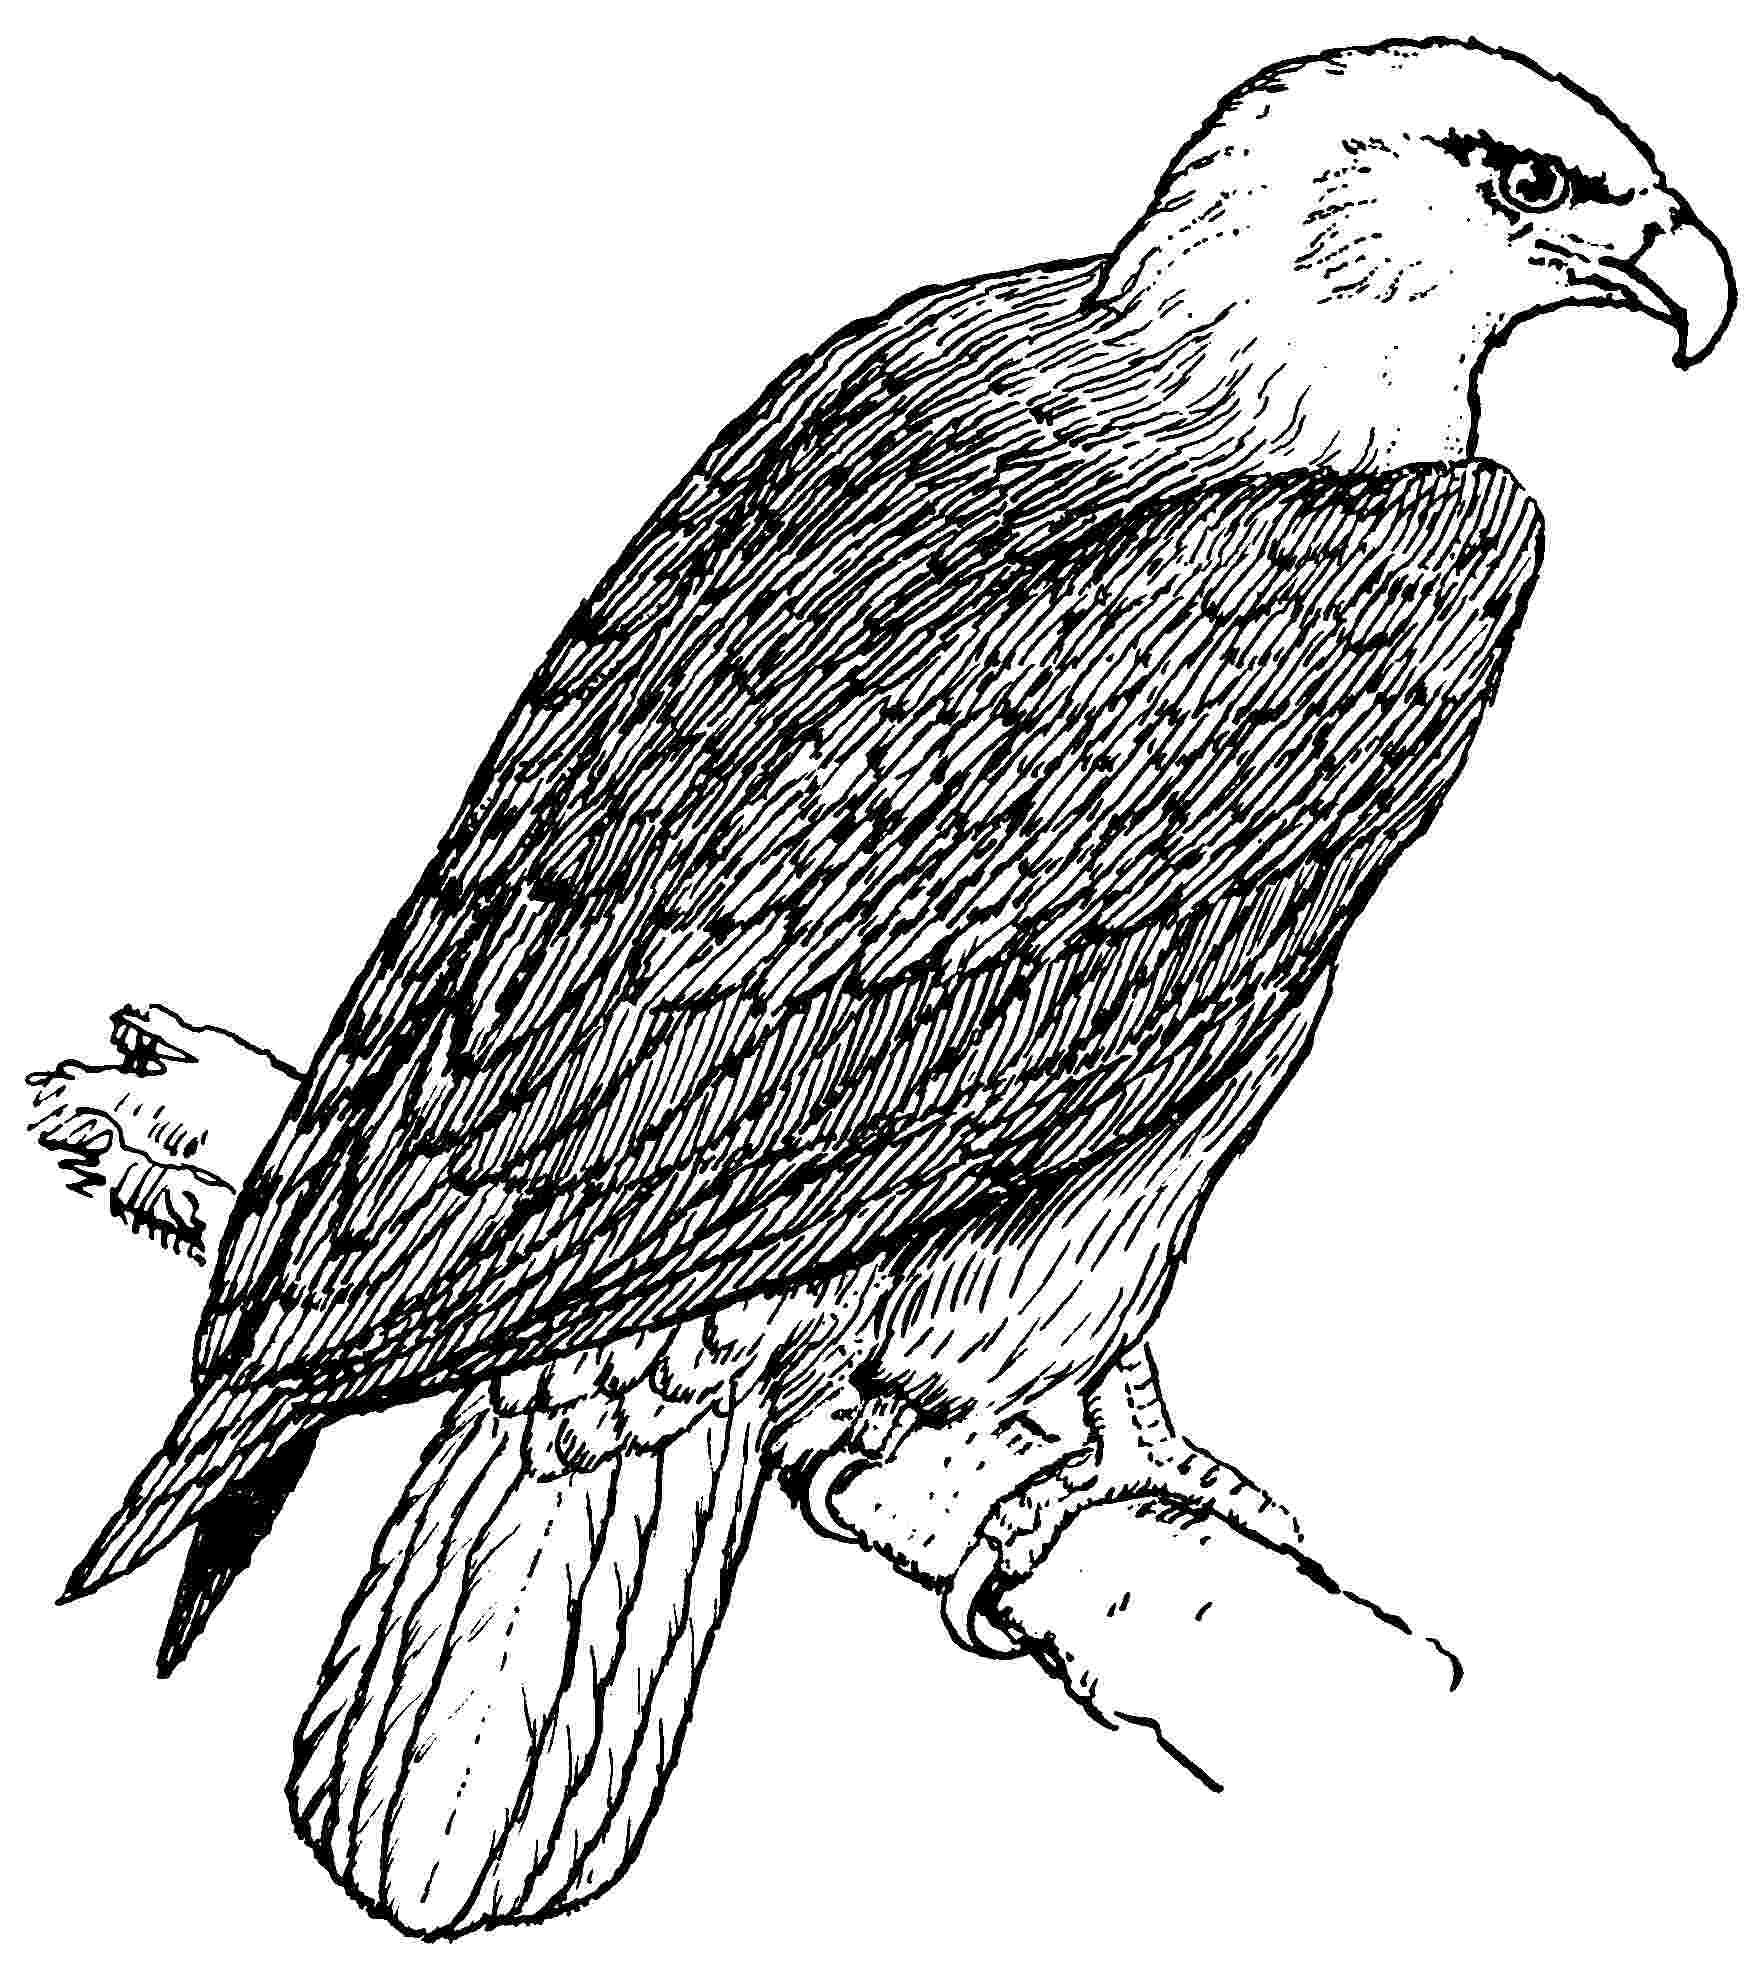 bald eagle coloring printable bald eagle coloring pages for kids cool2bkids coloring eagle bald